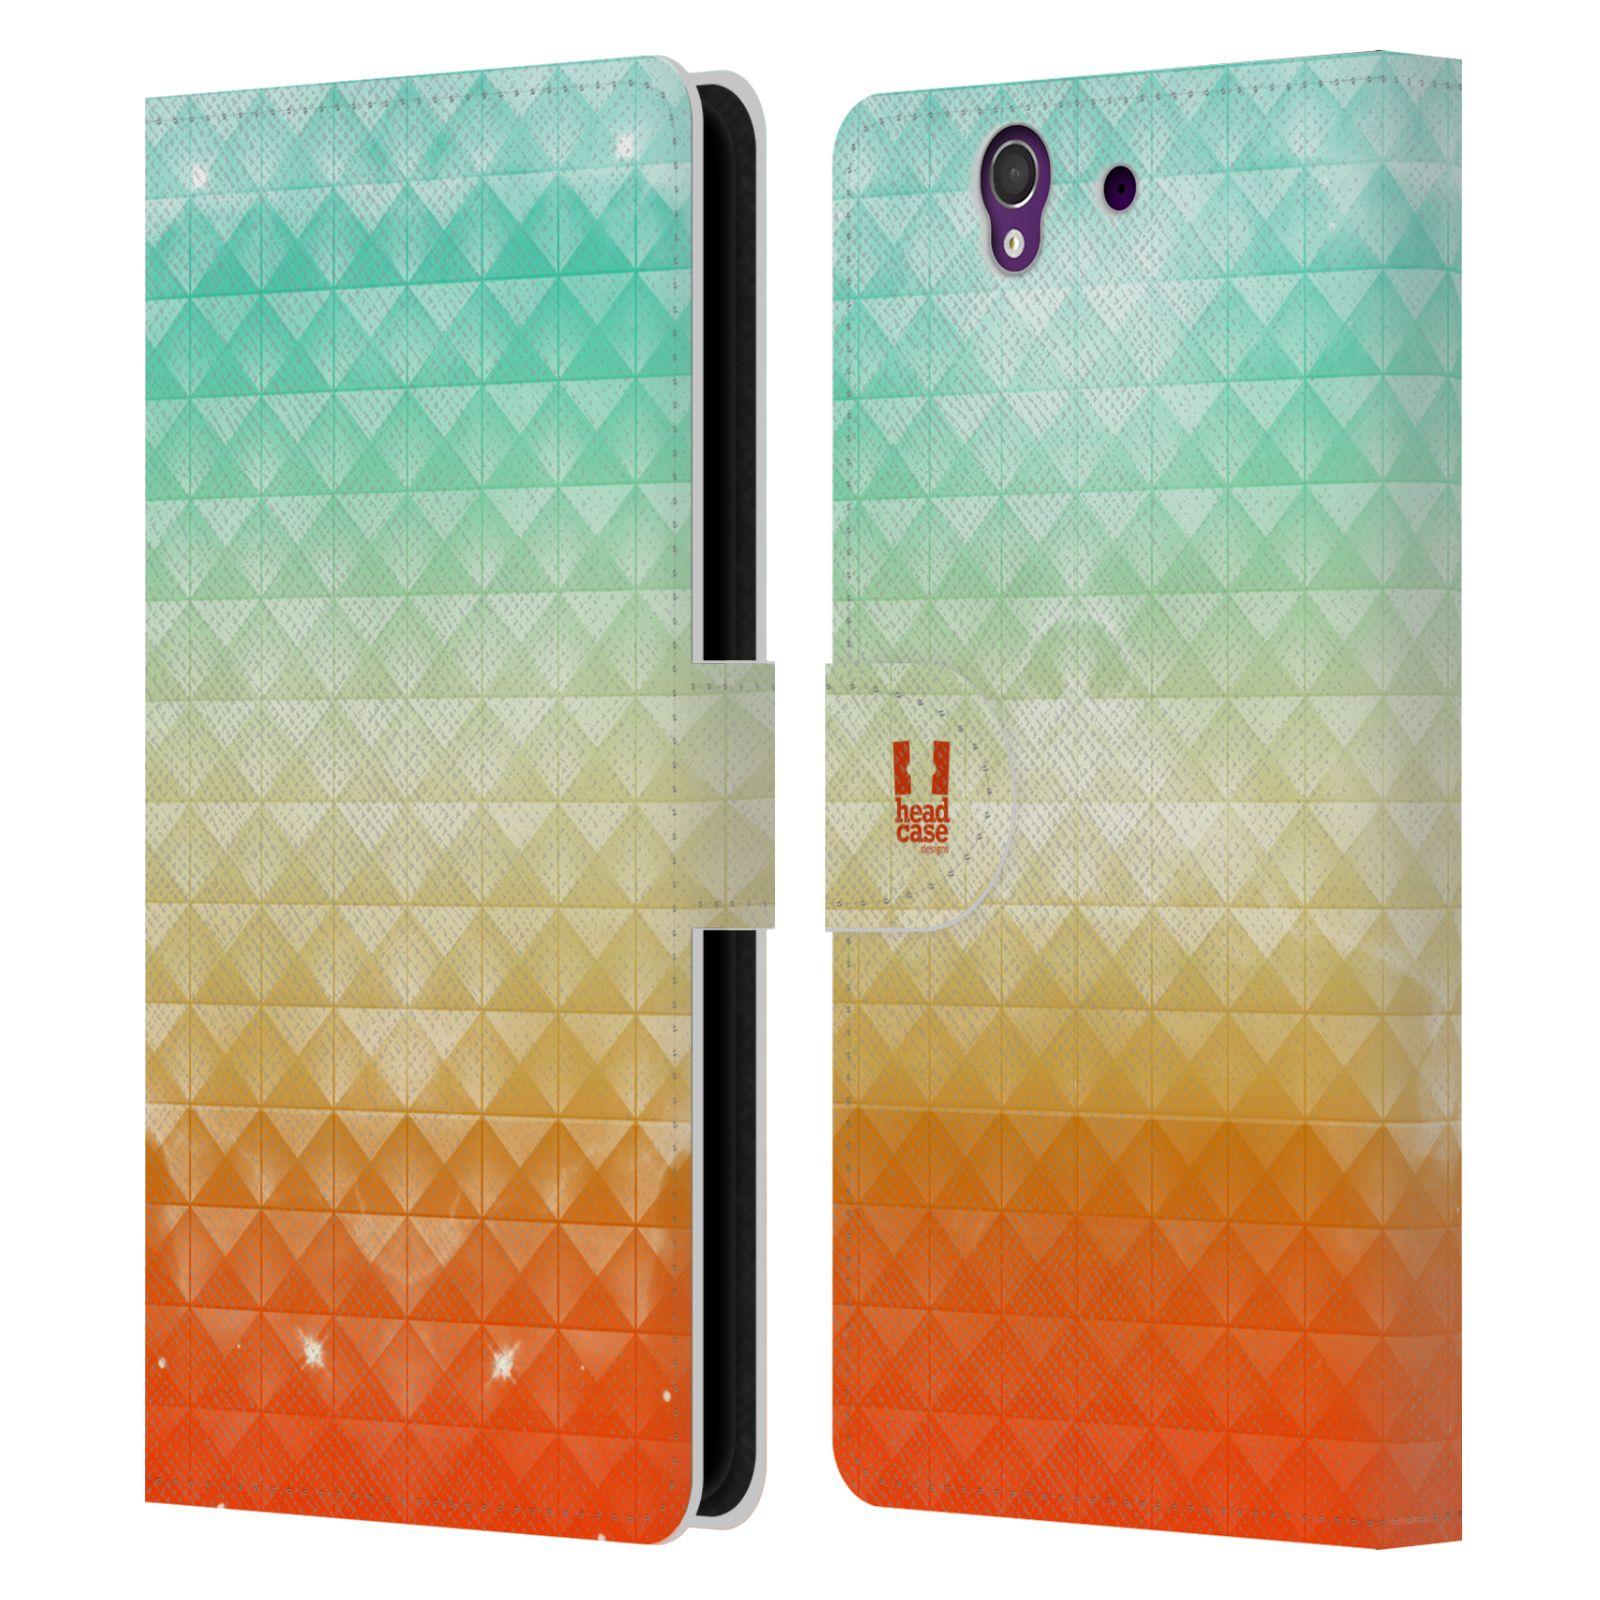 HEAD CASE Flipové pouzdro pro mobil SONY XPERIA Z (C6603) barevná vesmírná mlhovina oranžová a tyrkysová